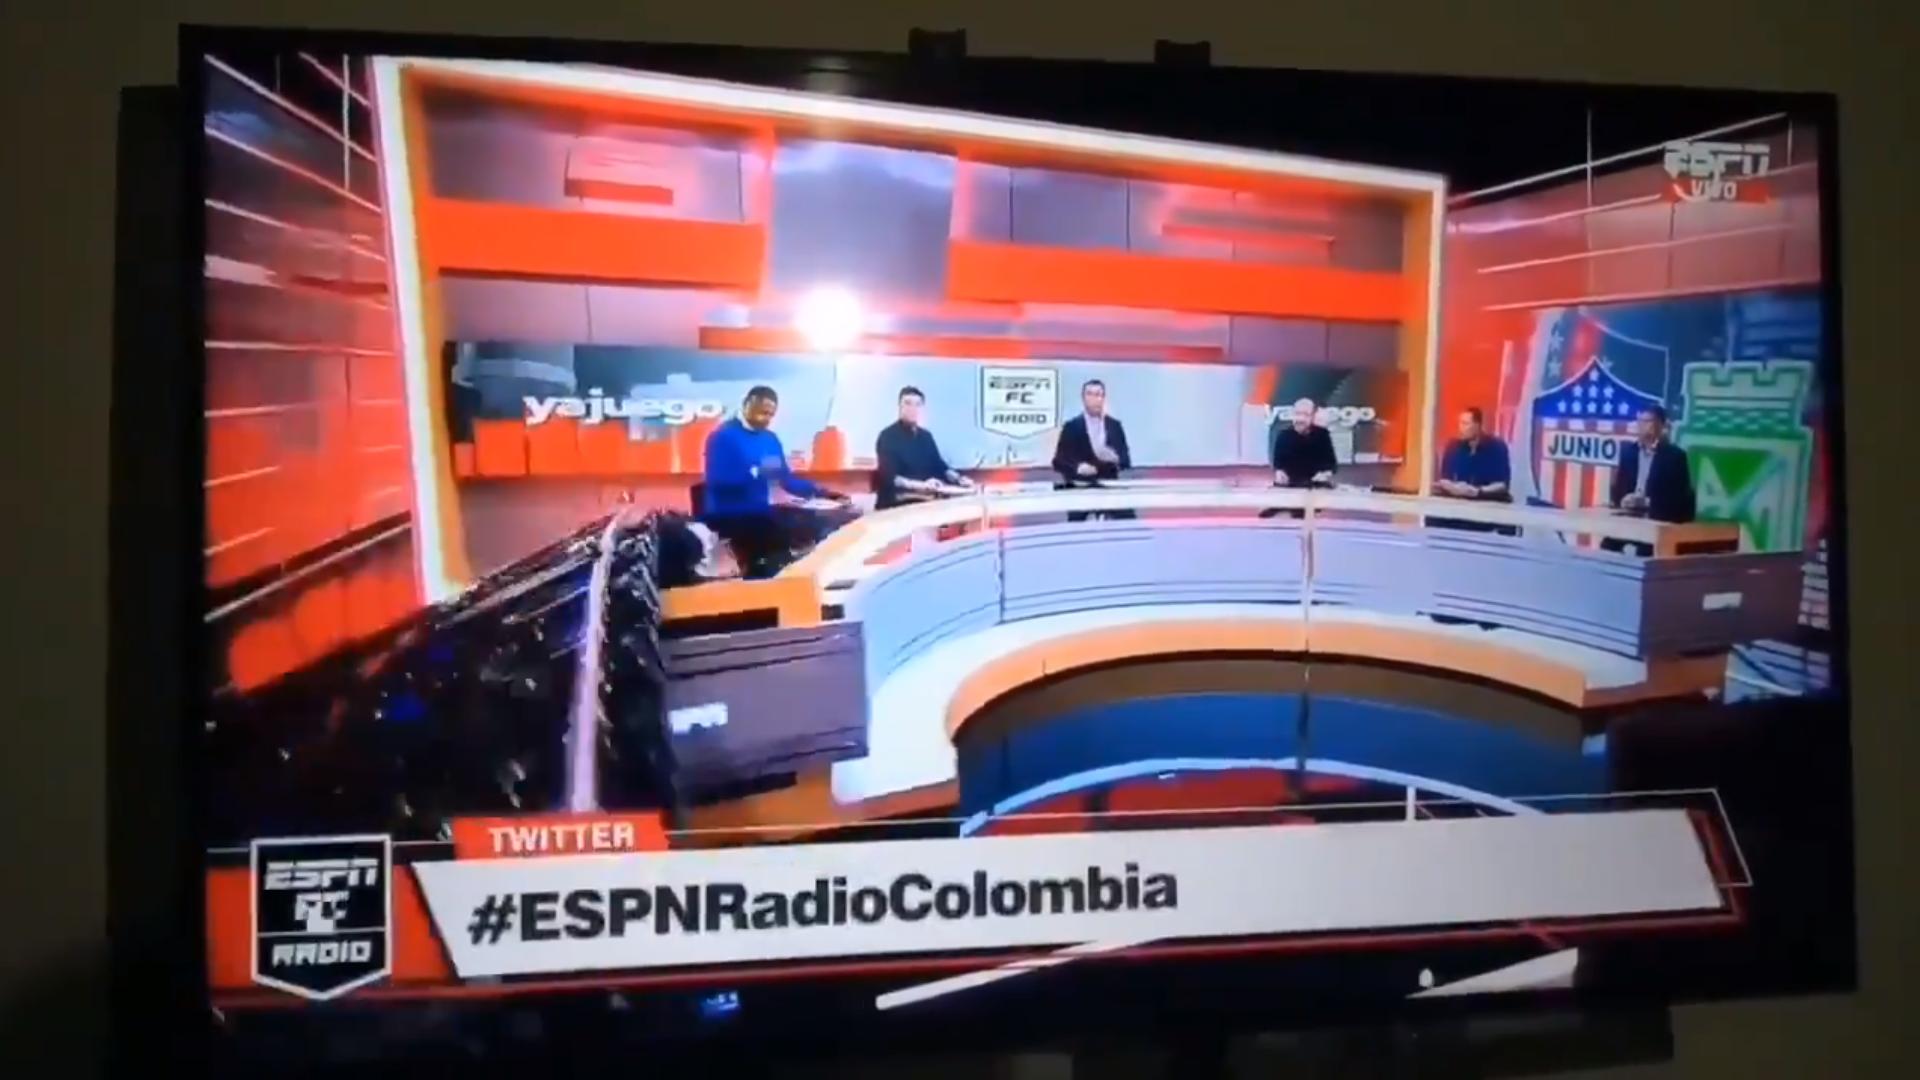 Gran pantalla cae sobre conductor de ESPN en vivo || VIDEO